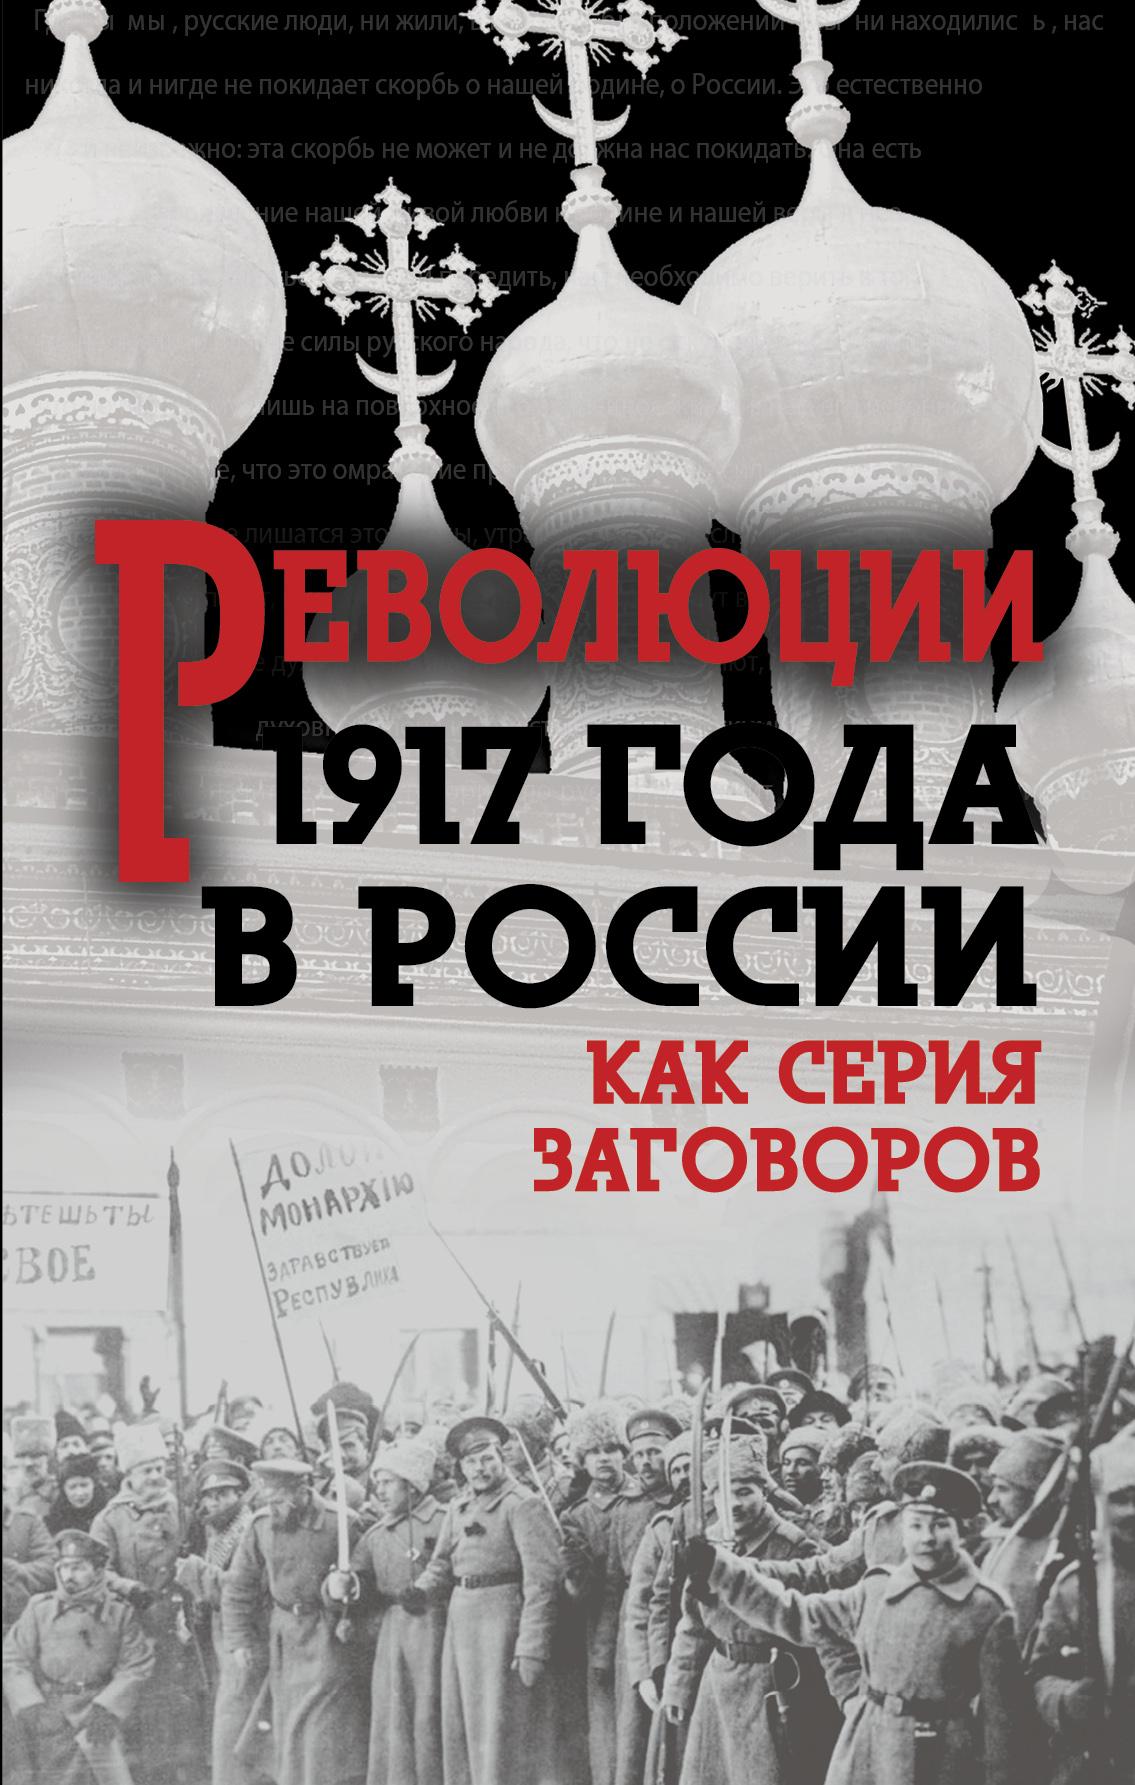 revolyutsiya 1917 go v rossii kak seriya zagovorov